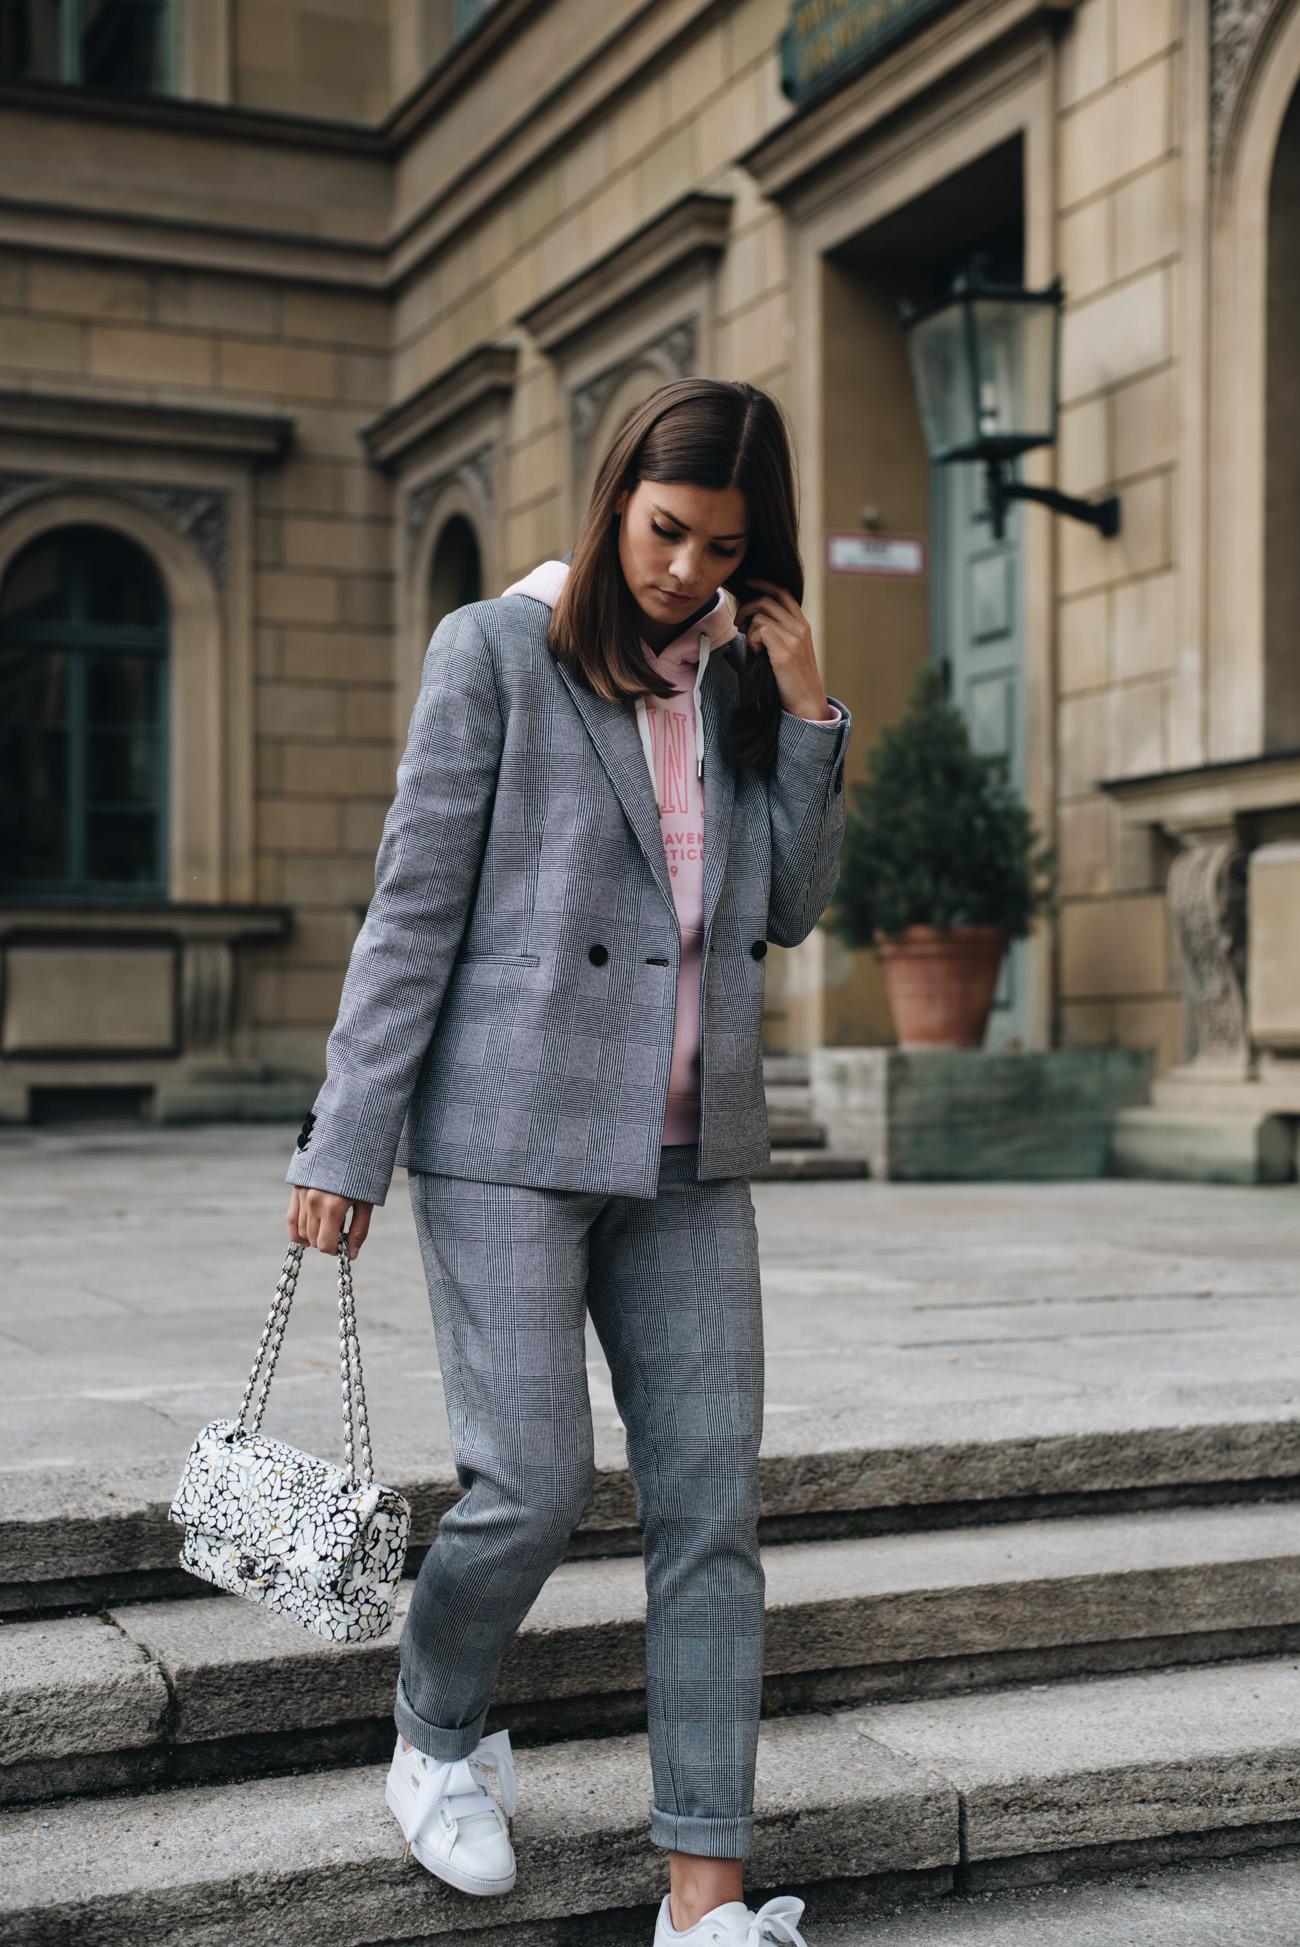 Hosenanzug-jung-sportlich-im-alltag-tragen-hoodie-glencheck-zweiteiler-gant-modetrend-2017-fashiioncarpet-nina-schwichtenberg